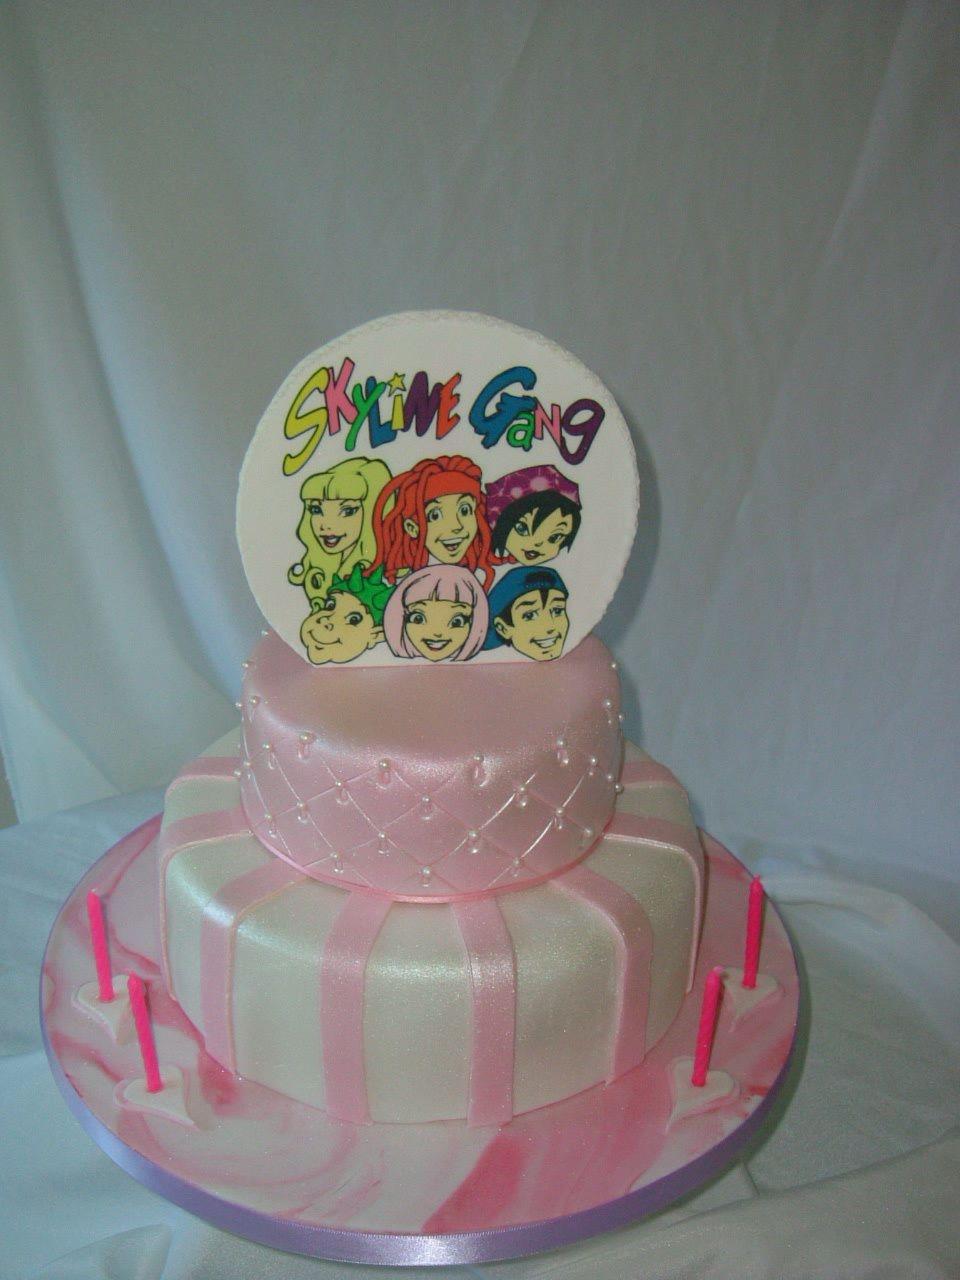 Skyline Gang Cake Cakecentral Com